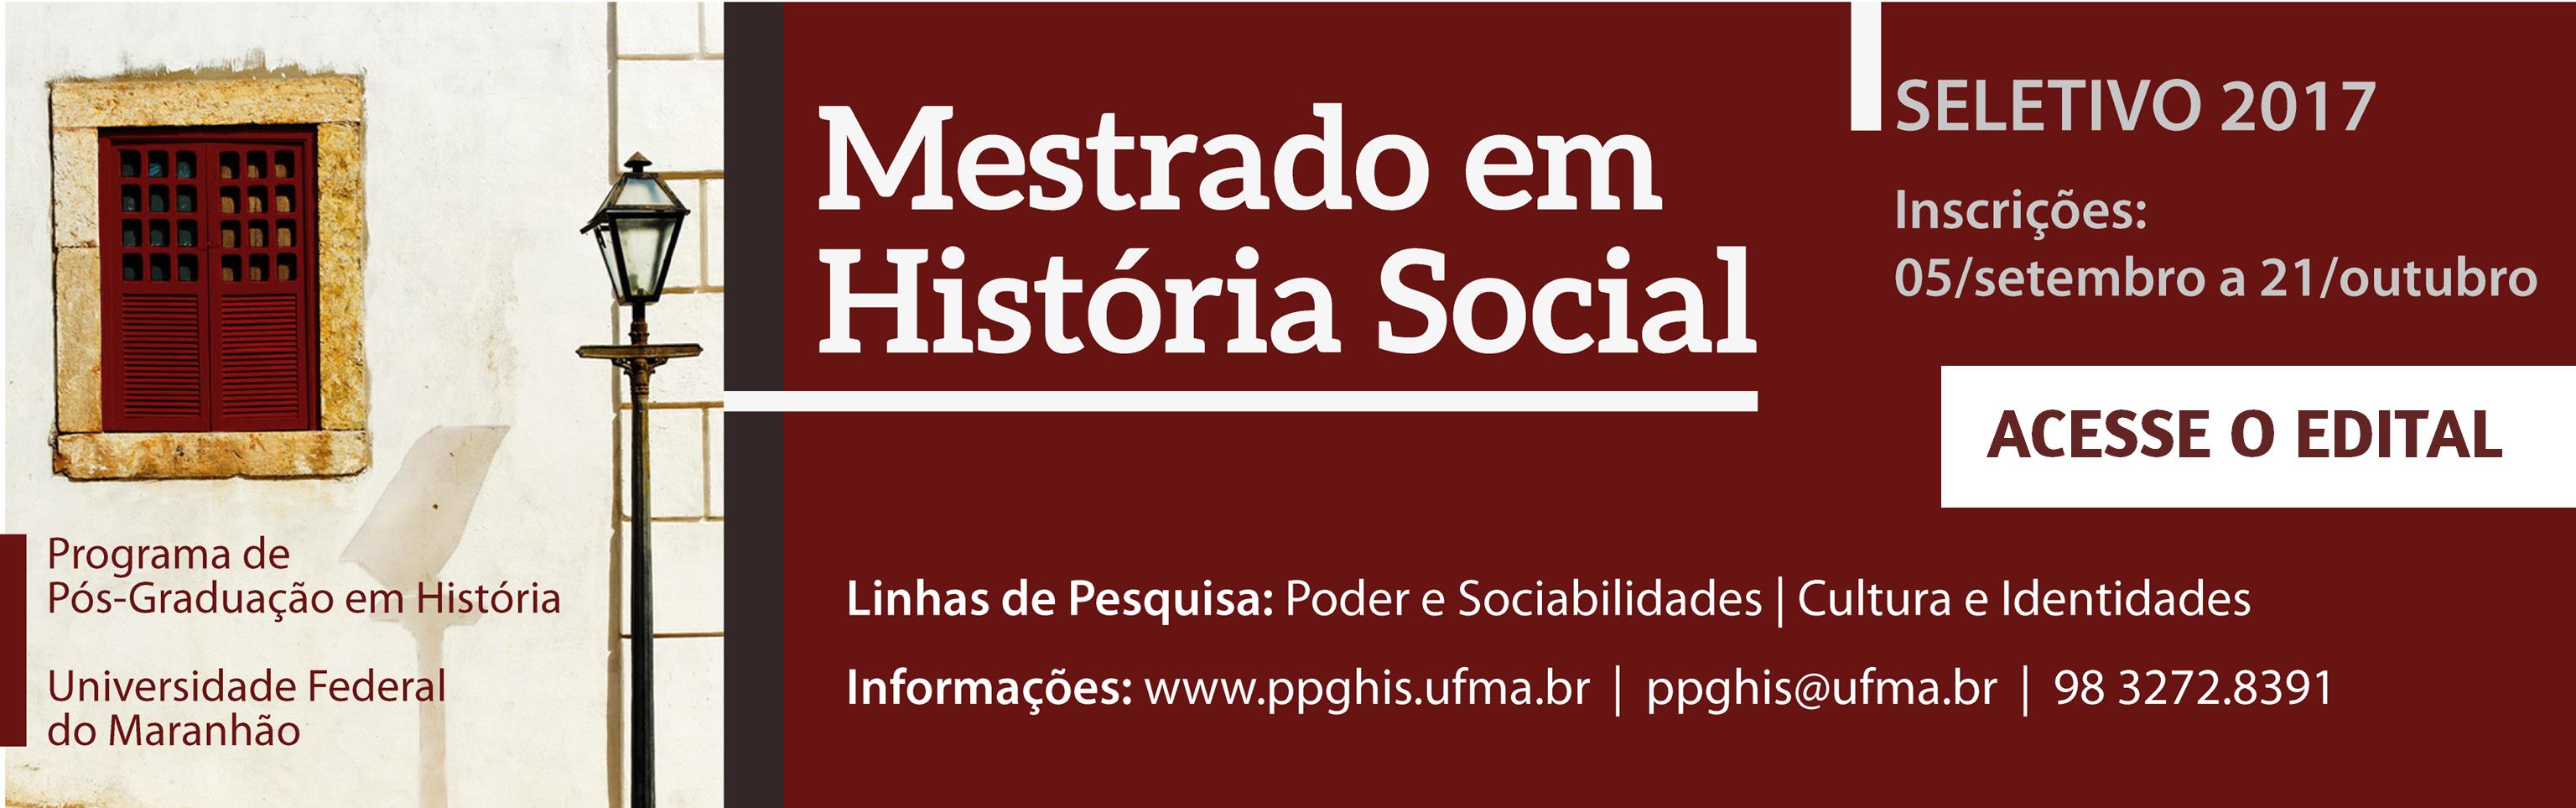 Mestrado em História Social